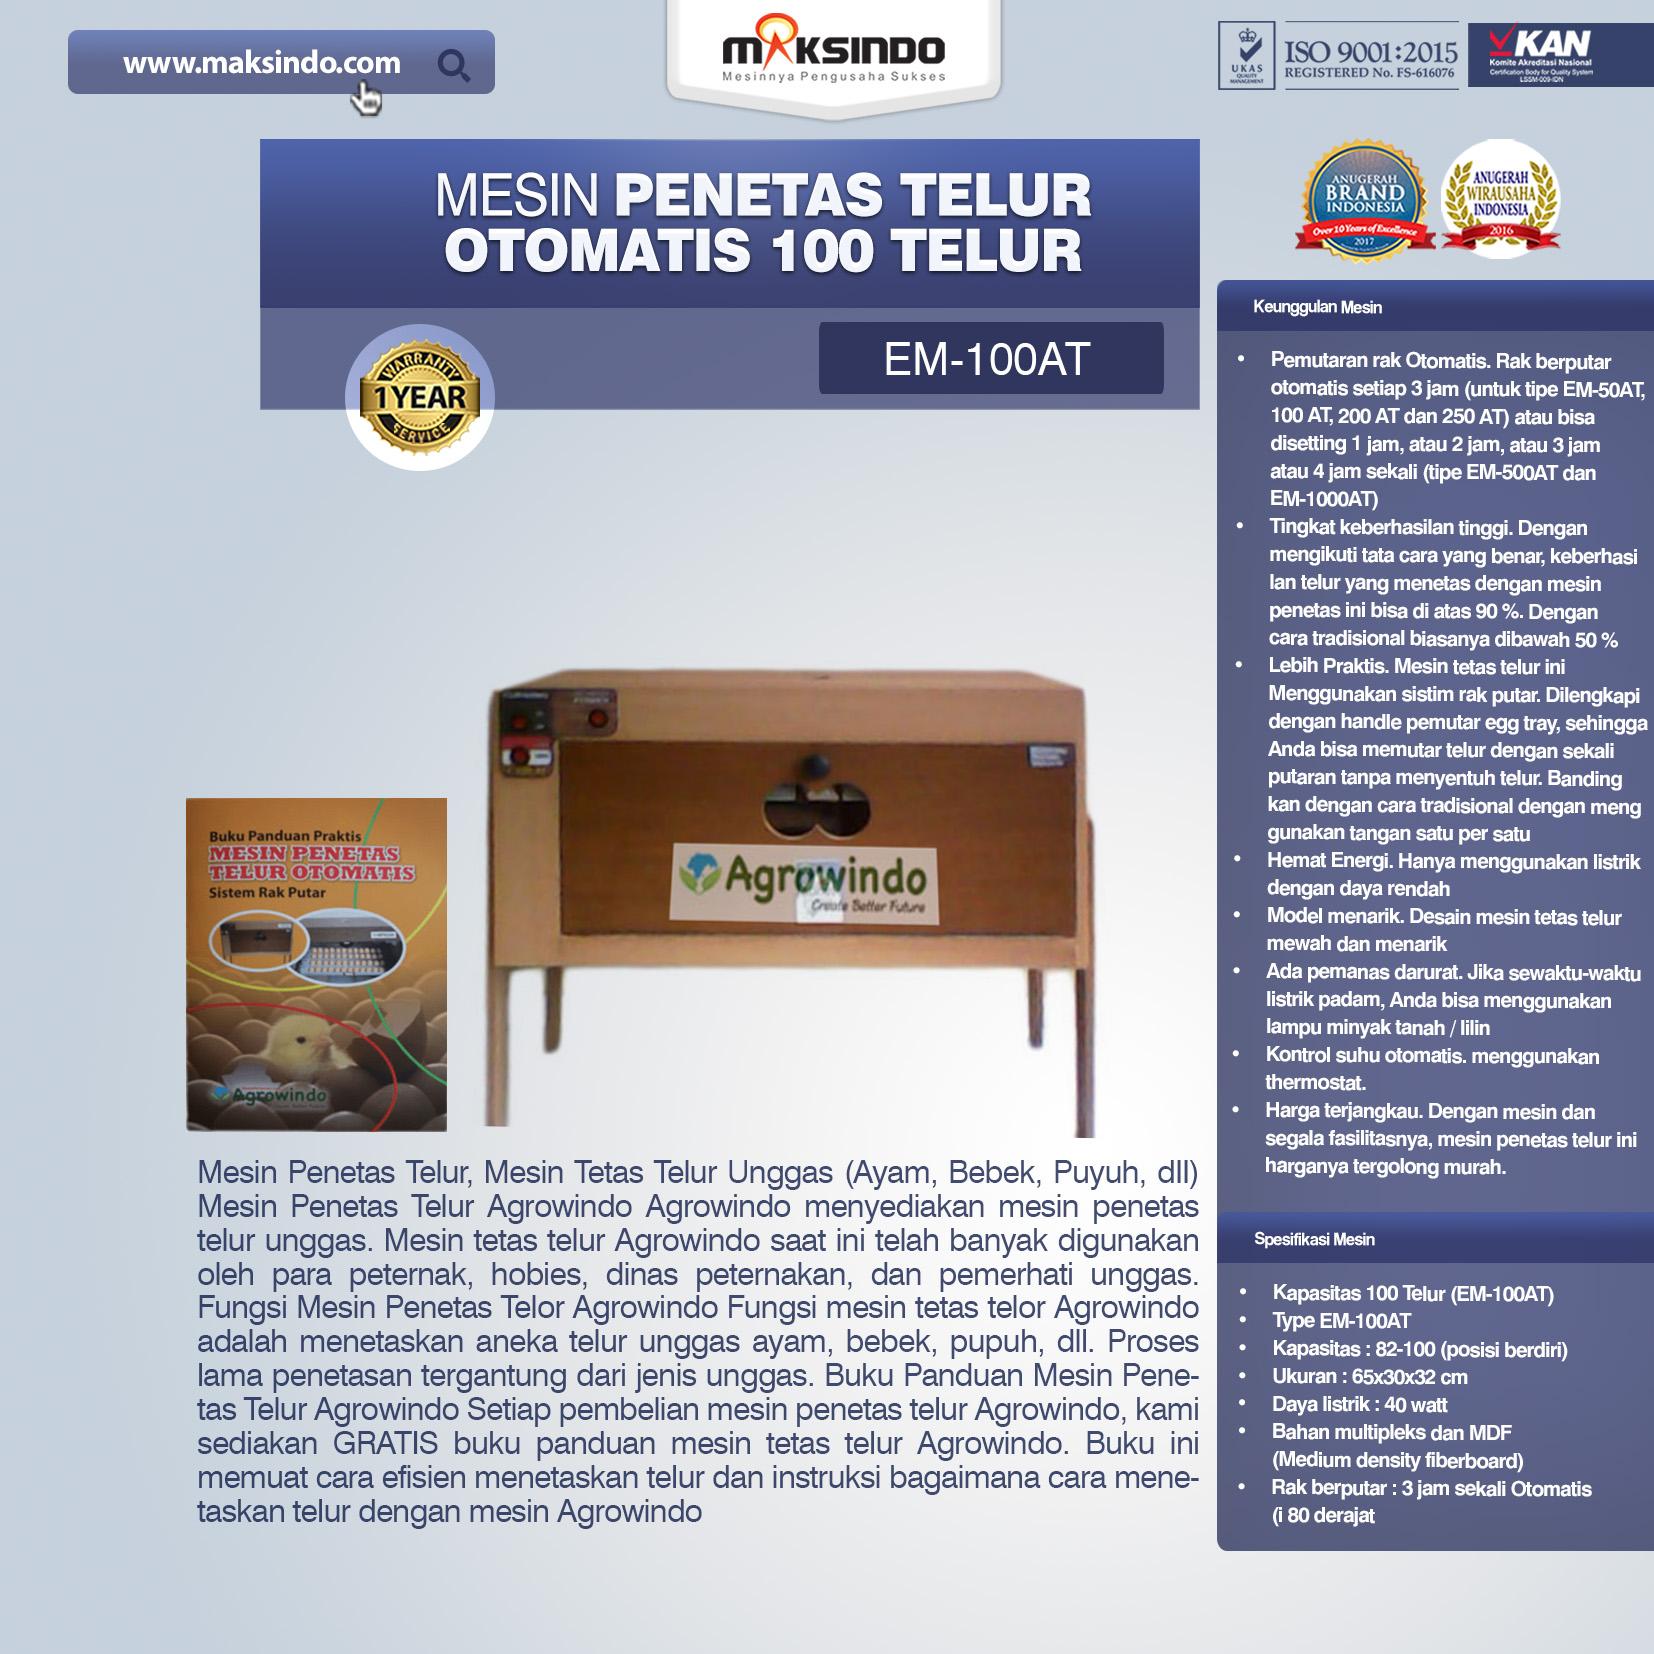 Jual Mesin Penetas Telur Otomatis 100 Telur (EM-100AT) di Bekasi